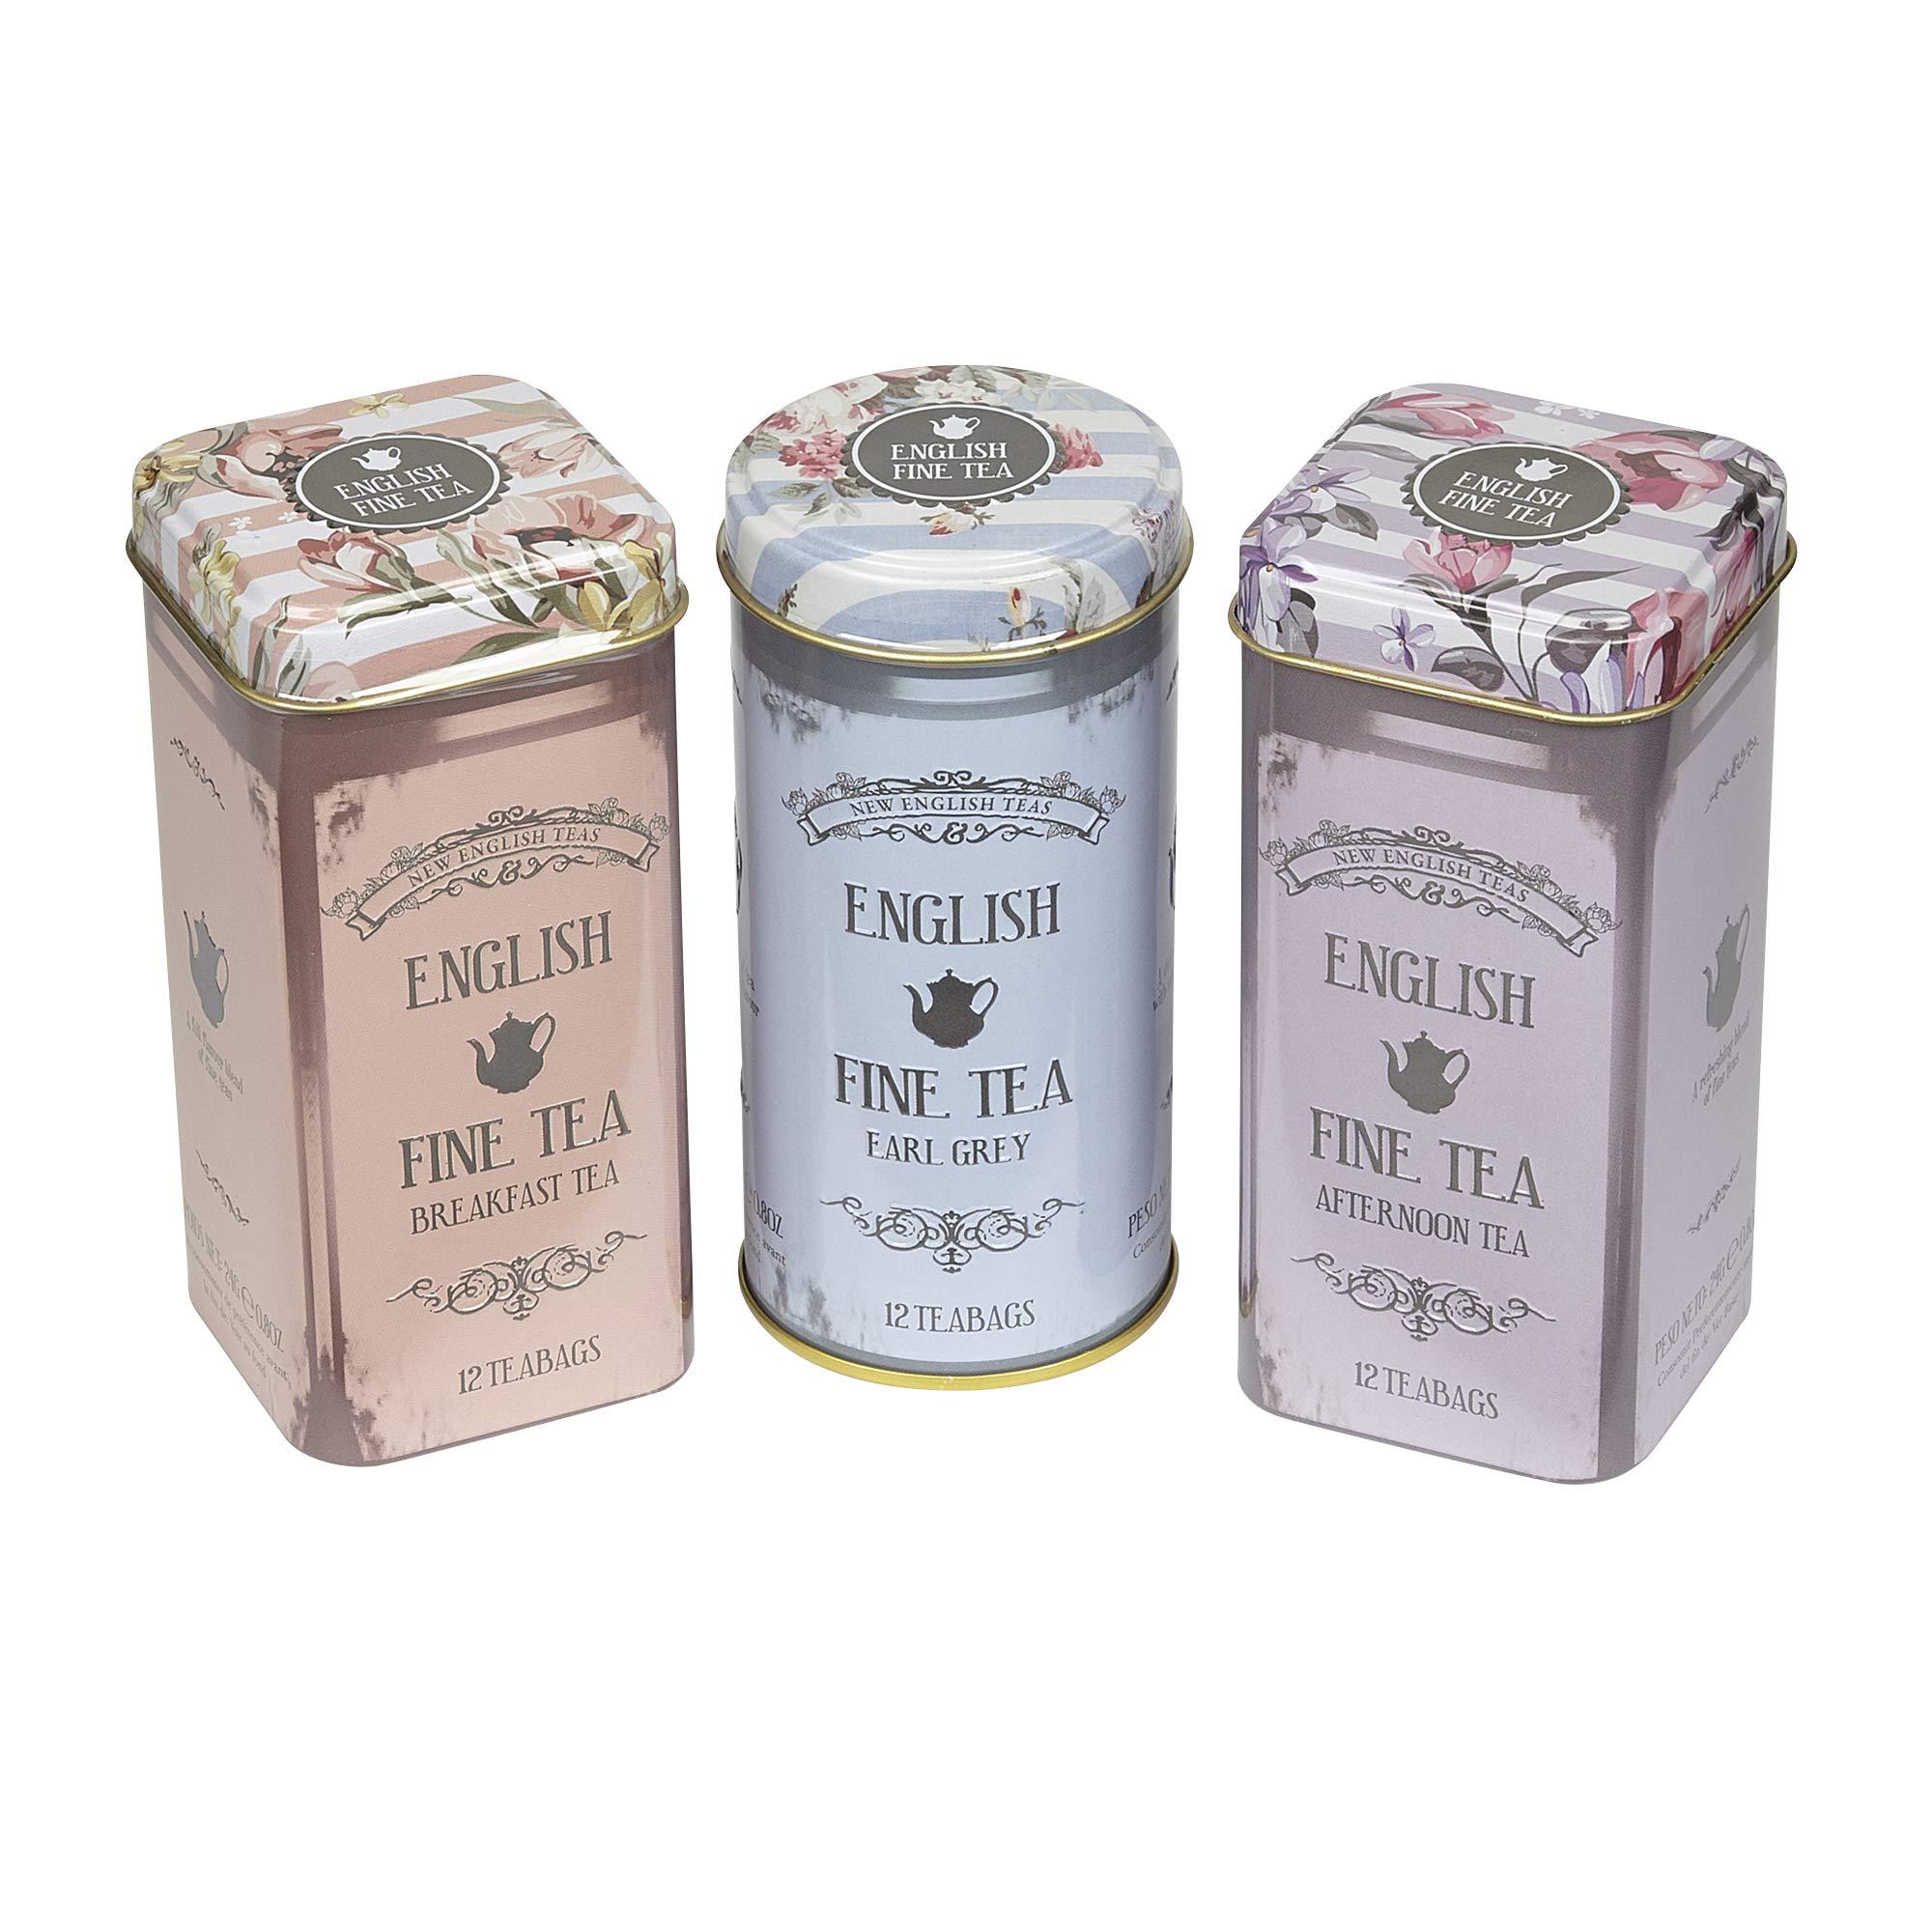 New English Teas Floral Tea Tin Teabag Selection Gift RS36